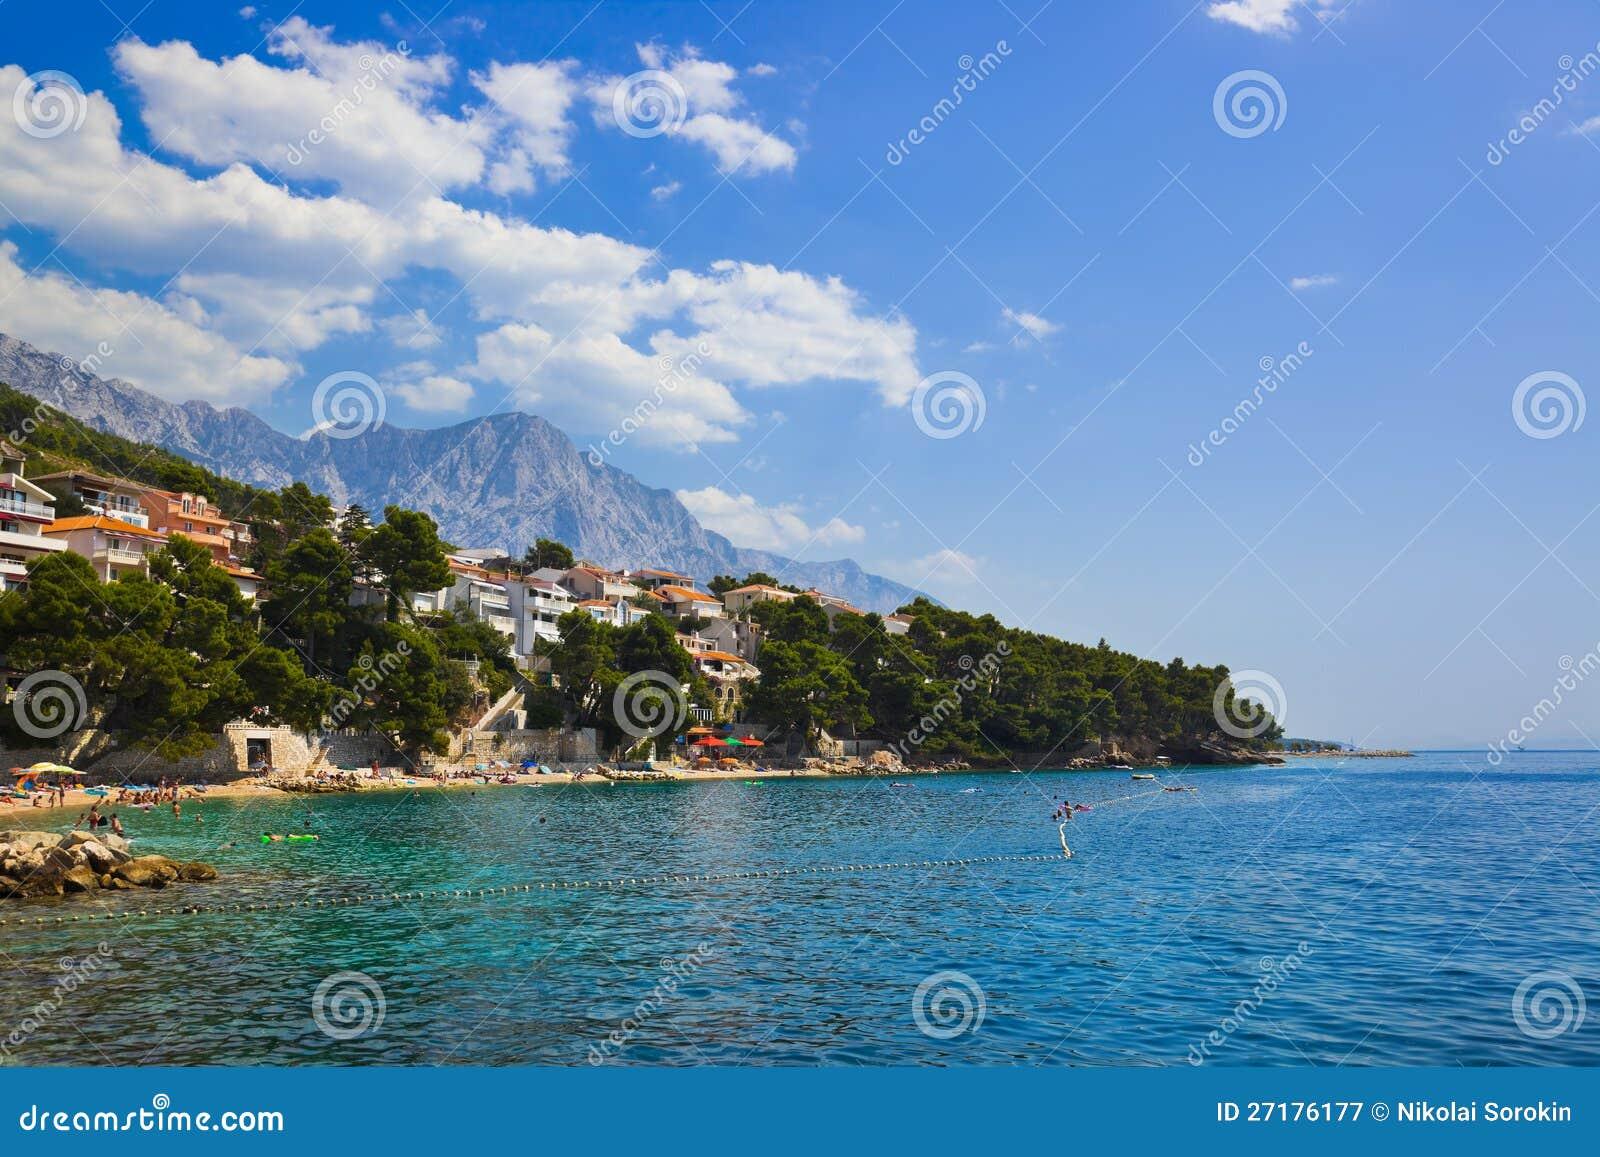 Baska Voda Croatia  city photo : Beach At Baska Voda, Croatia Royalty Free Stock Photography Image ...